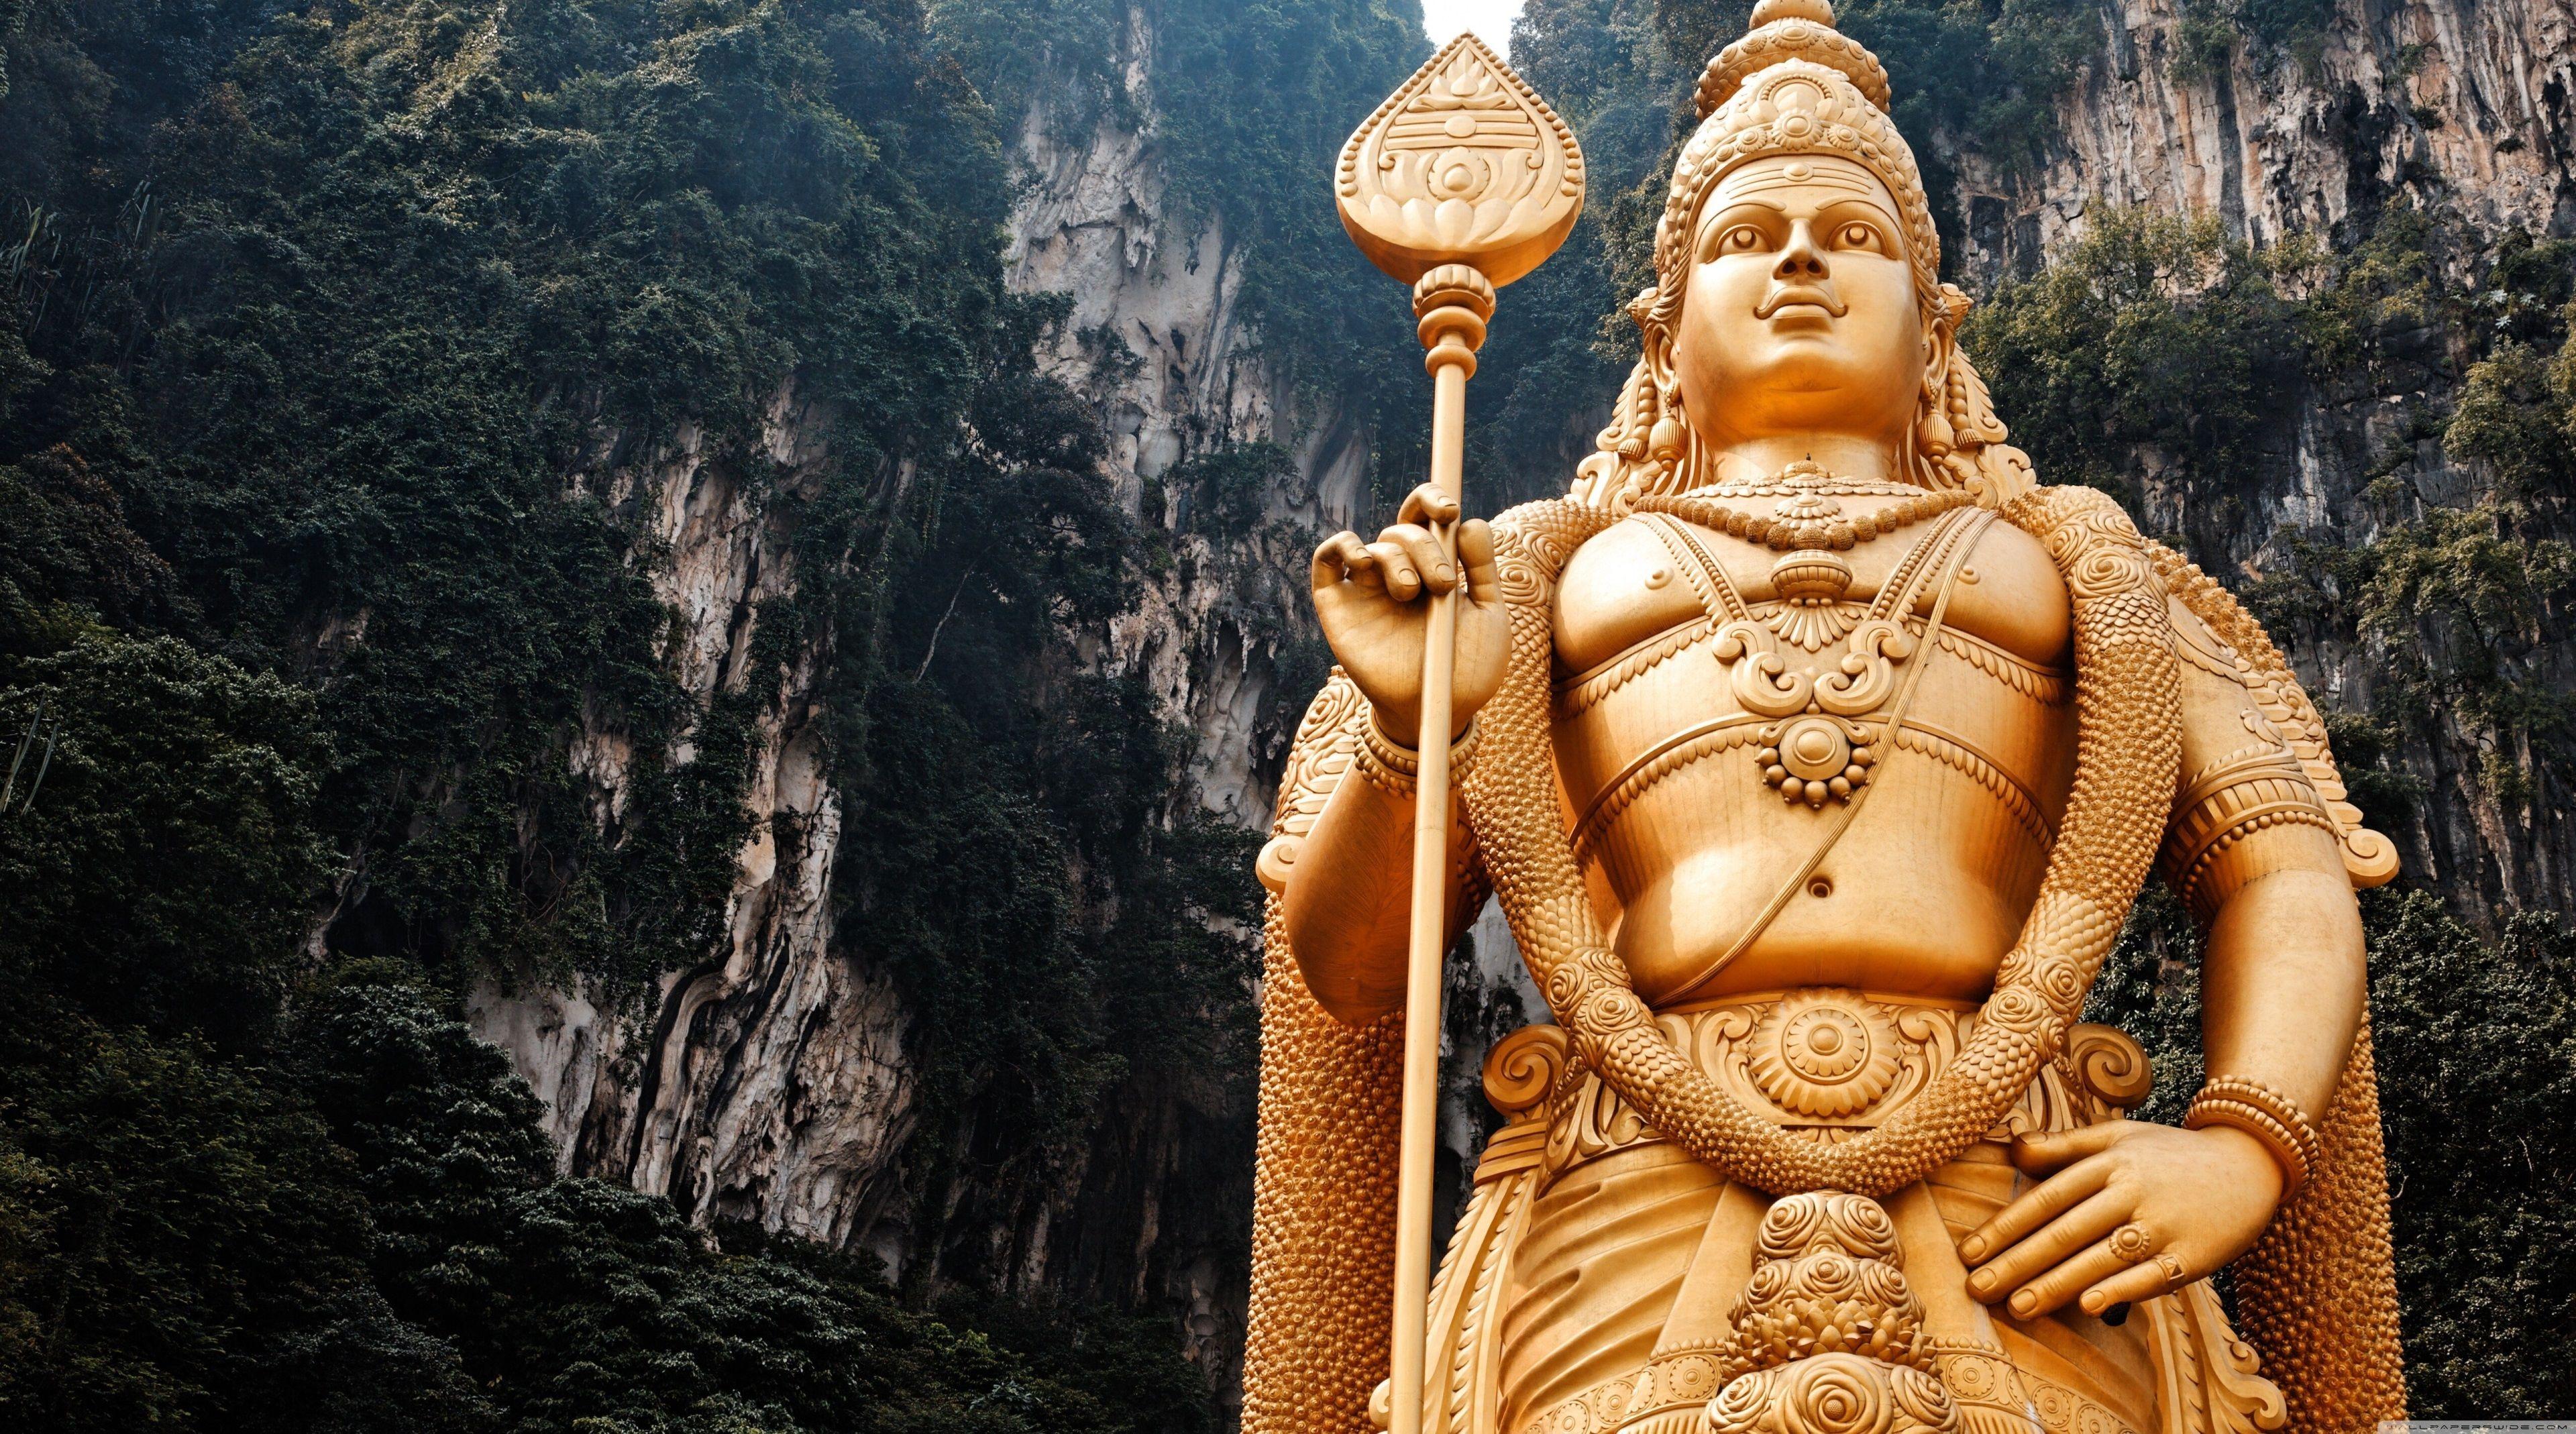 3840x2138 Lord Murugan Statue 4k New Hd Pc Wallpaper Lord Murugan Lord Murugan Wallpapers Lord Shiva Statue